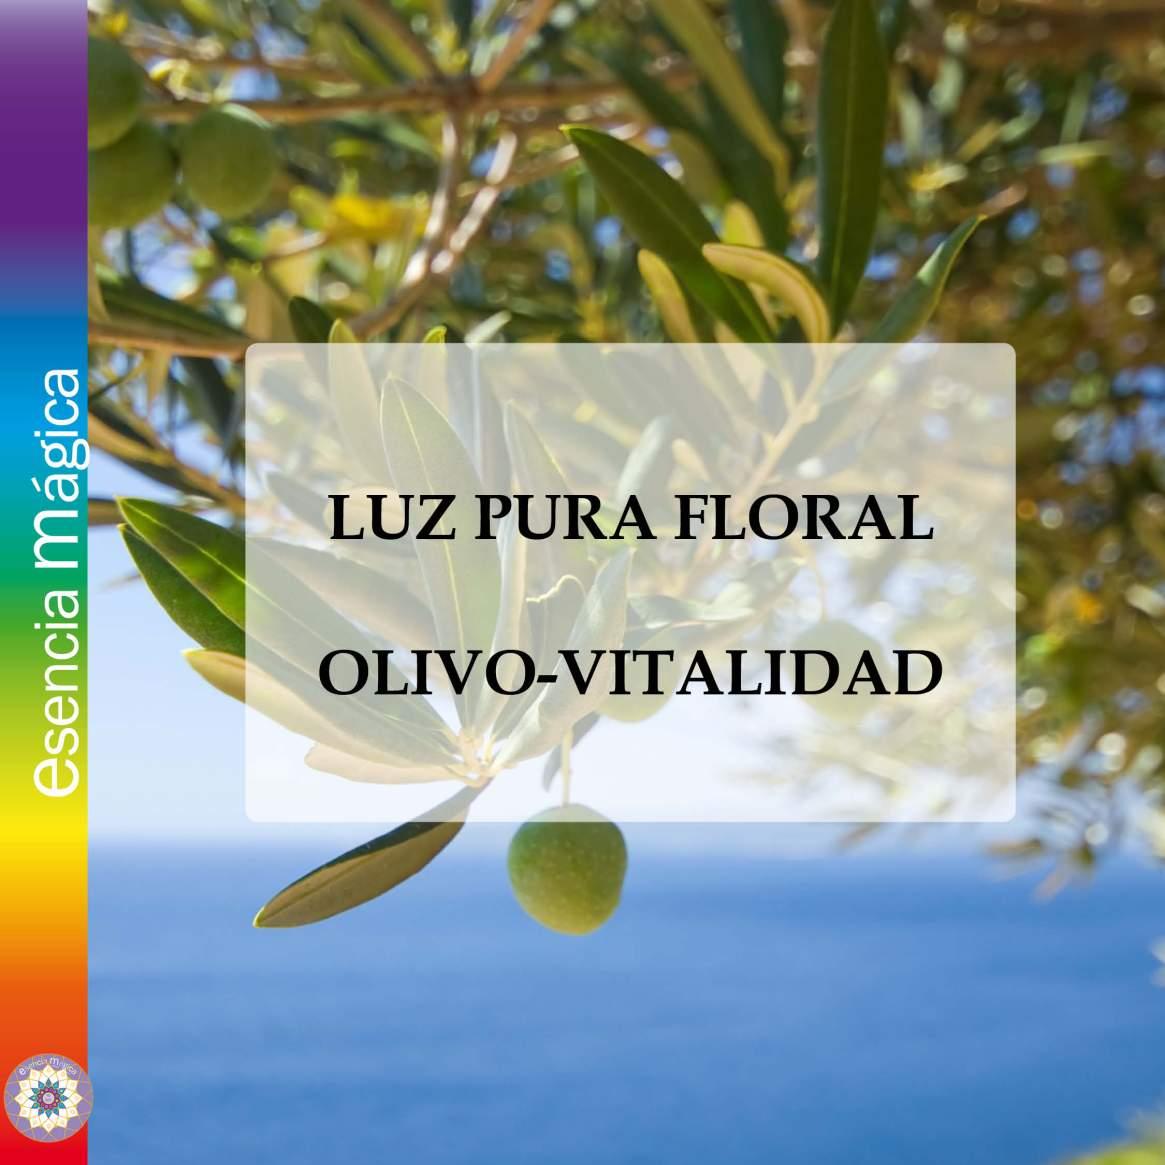 OLIVO-VITALIDAD